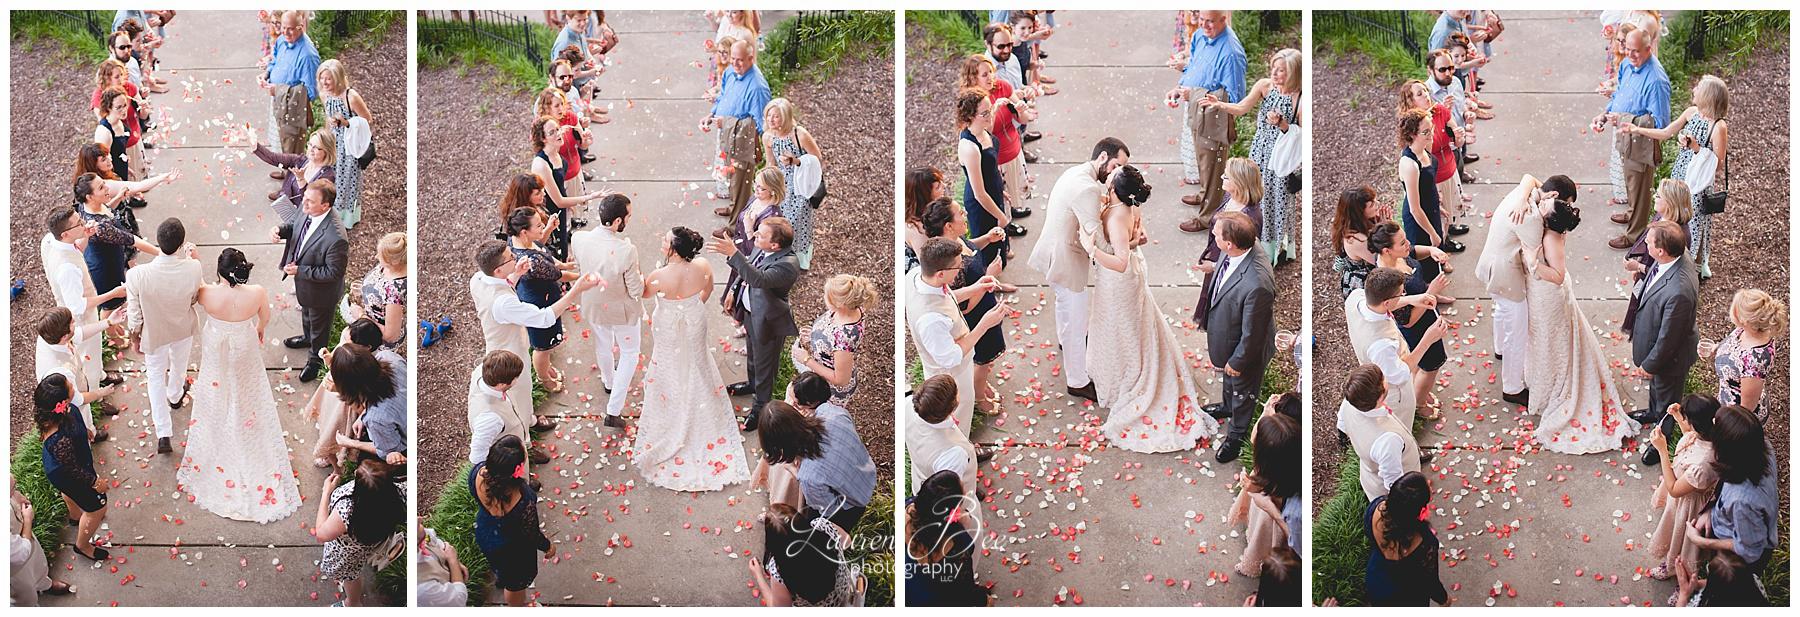 32 Huntsville Wedding Photographer-3.jpg